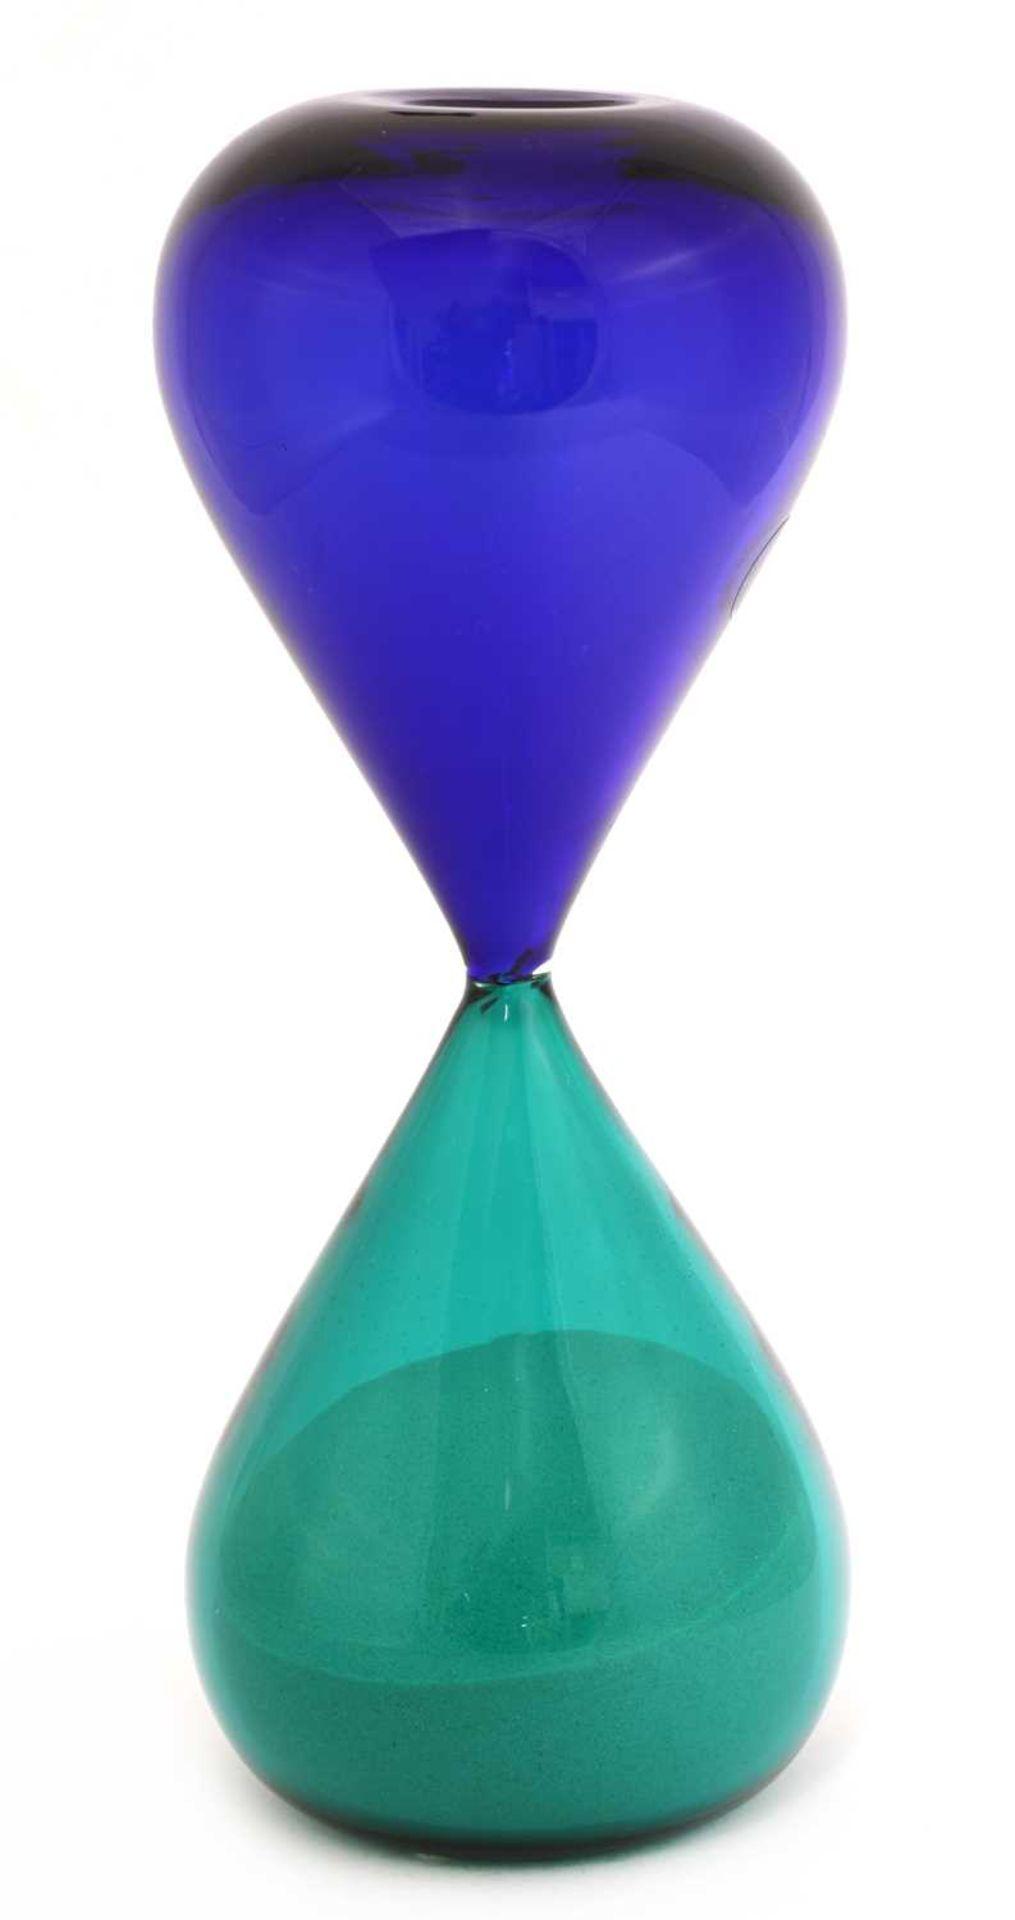 A Venini 'Clessidre' hourglass,